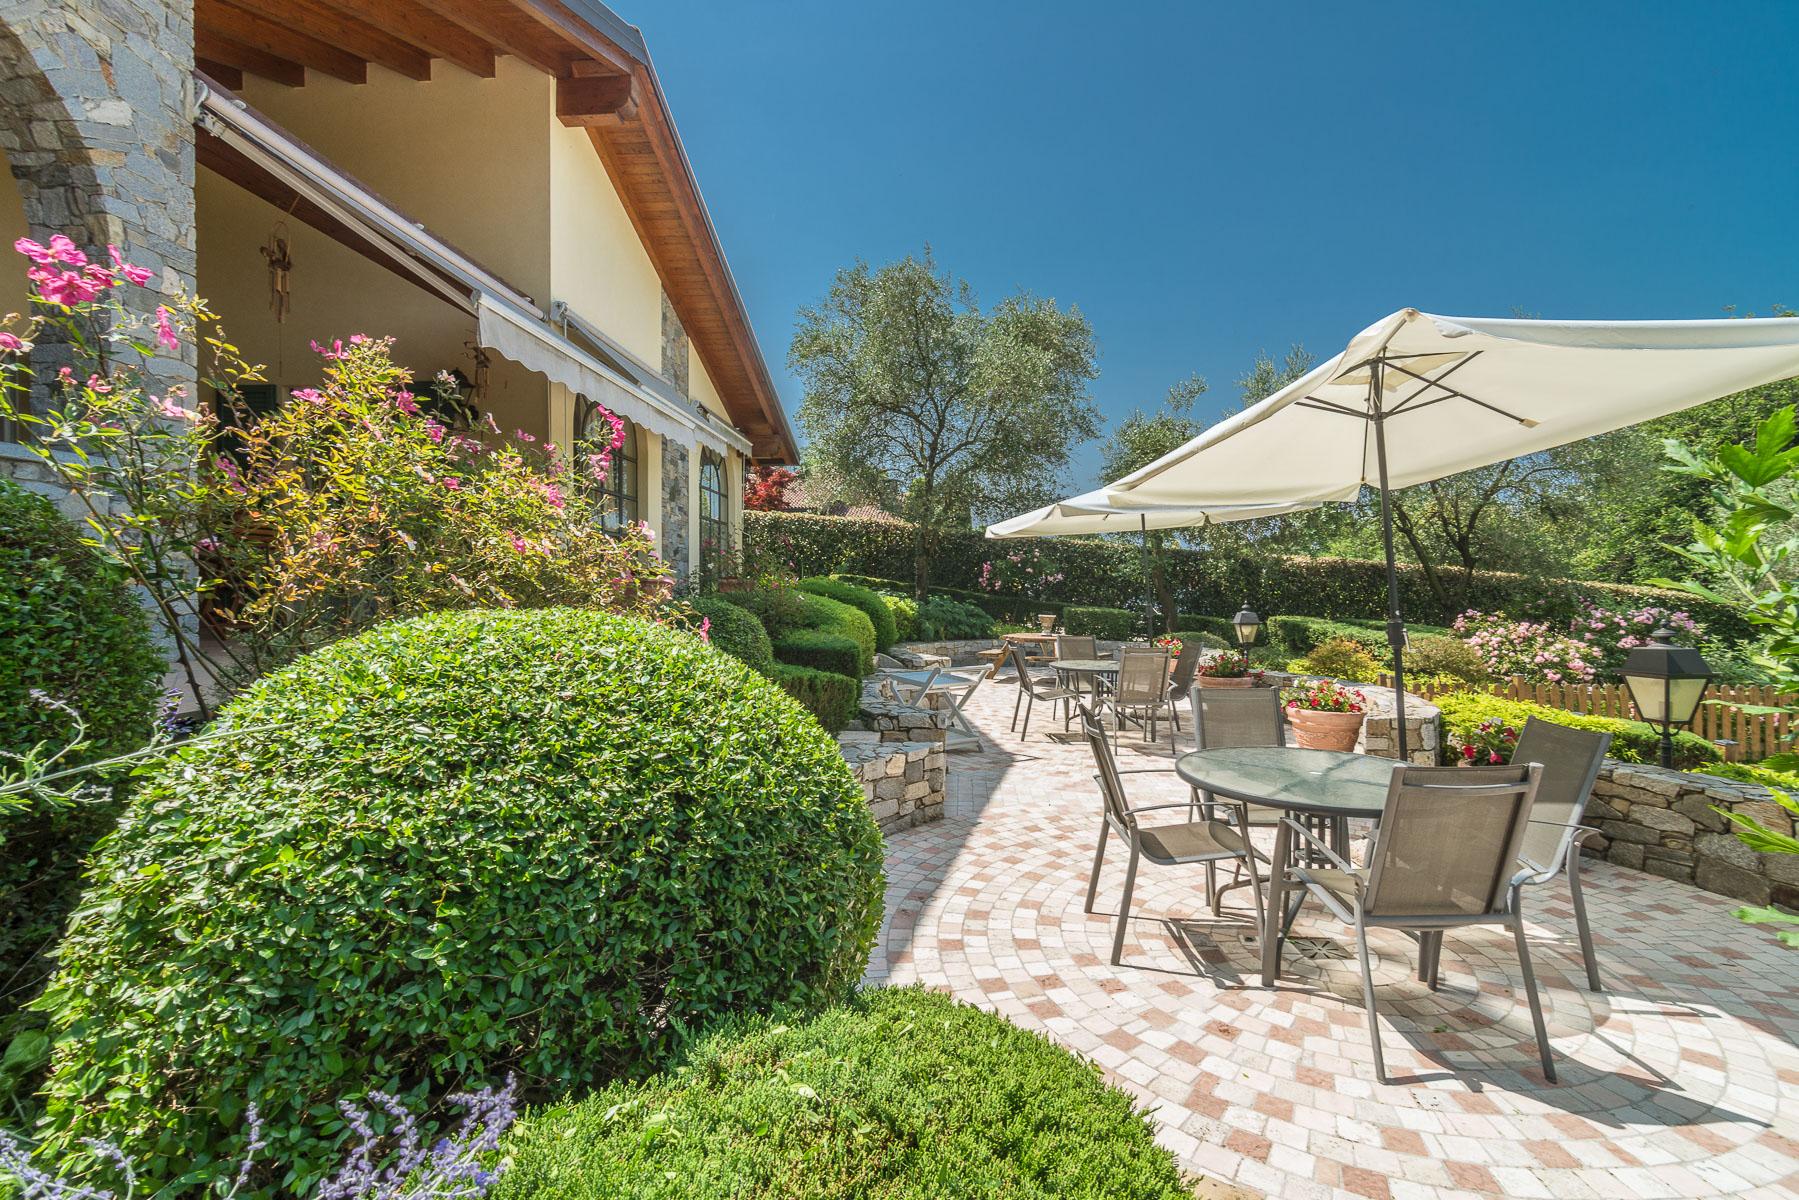 Villa in Vendita a Besozzo: 5 locali, 426 mq - Foto 23